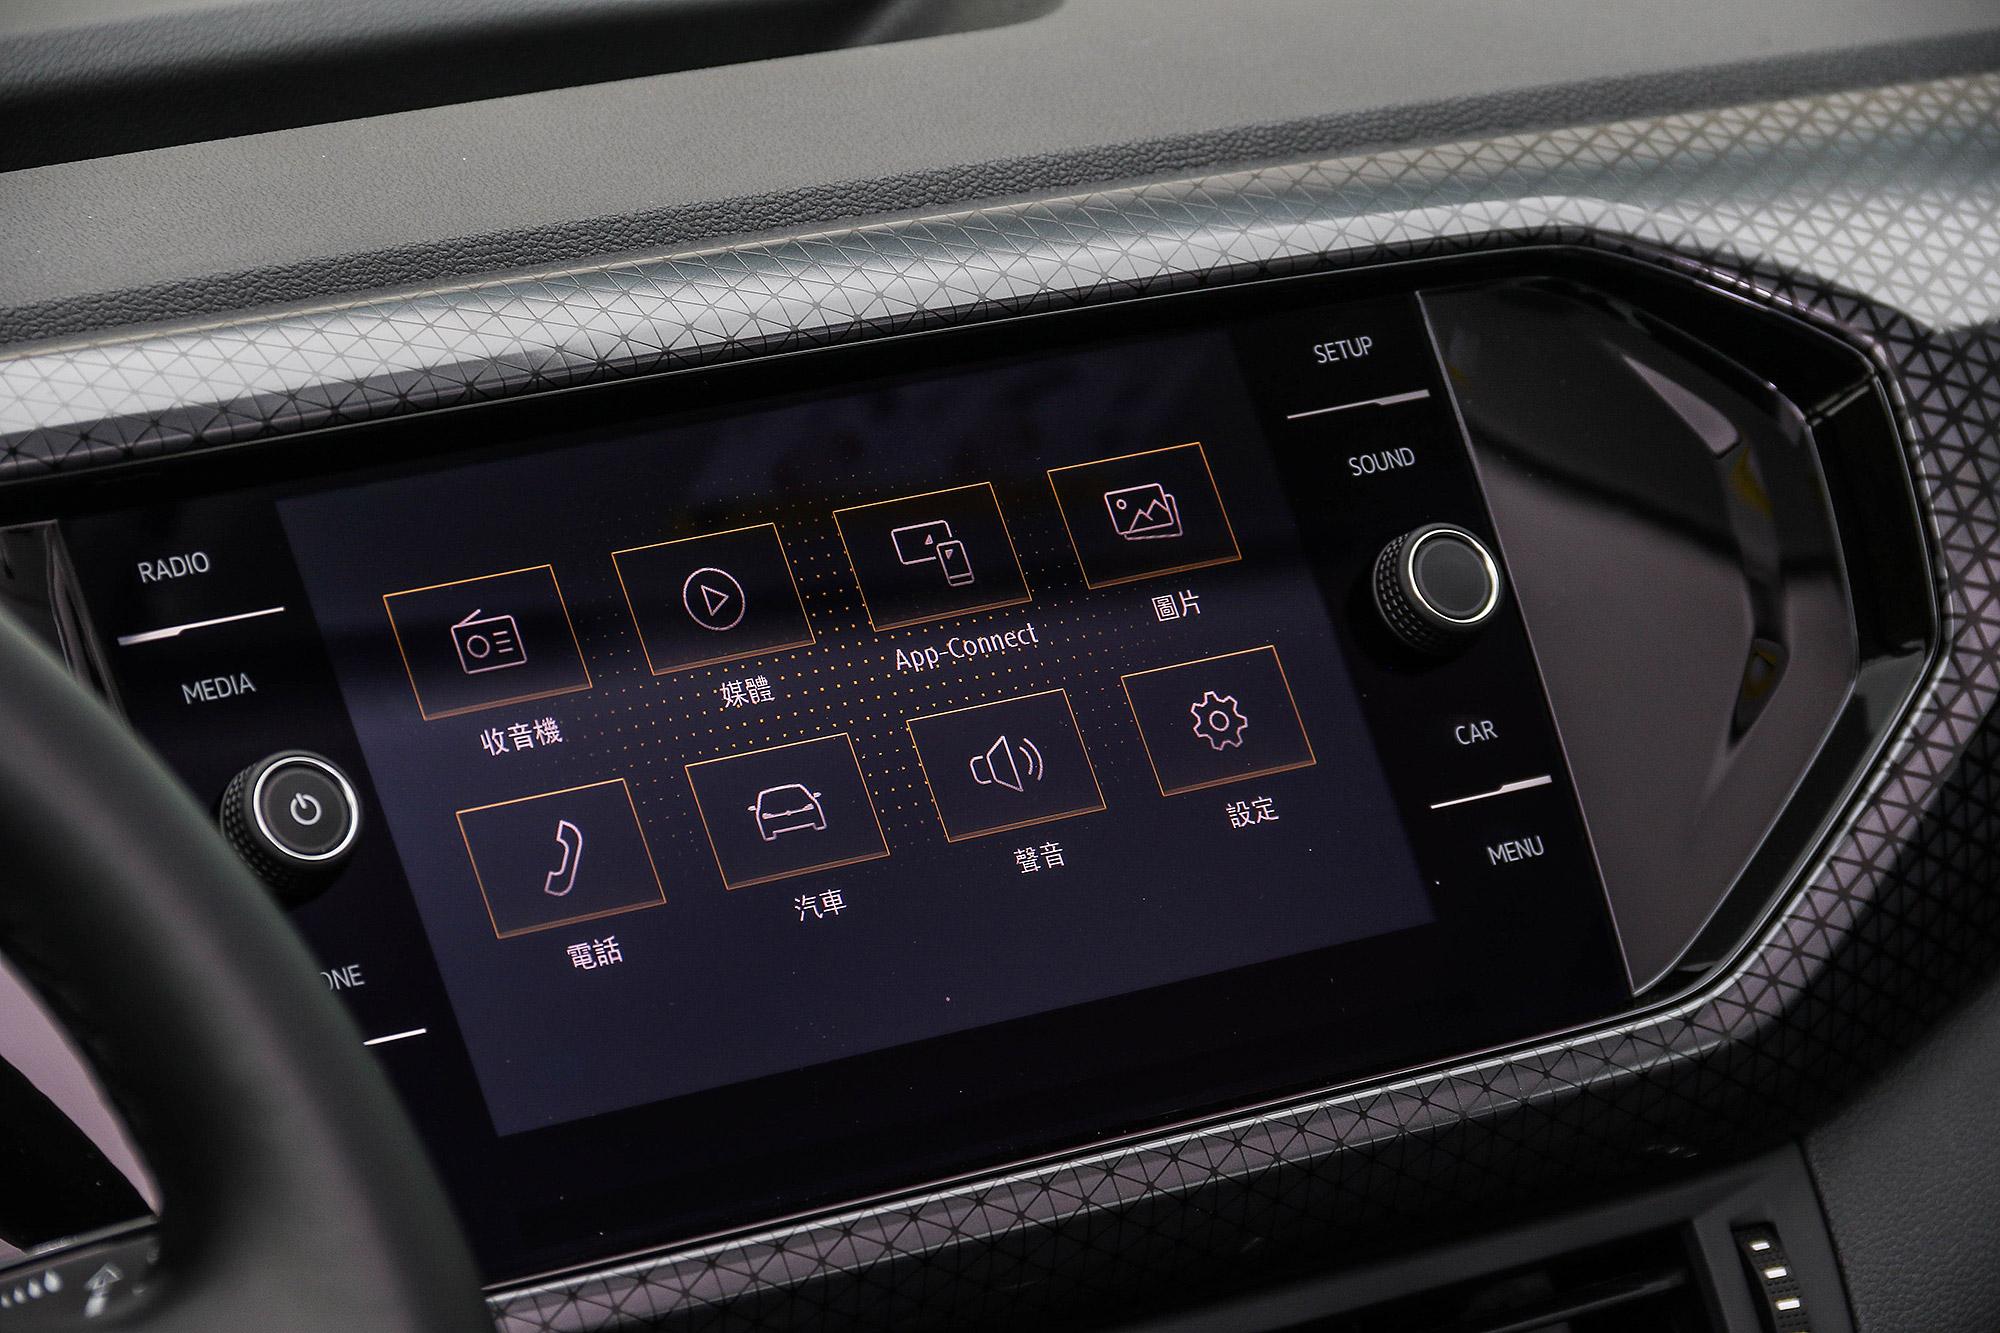 全車系皆標配 8 吋鏡面飾觸控螢幕。